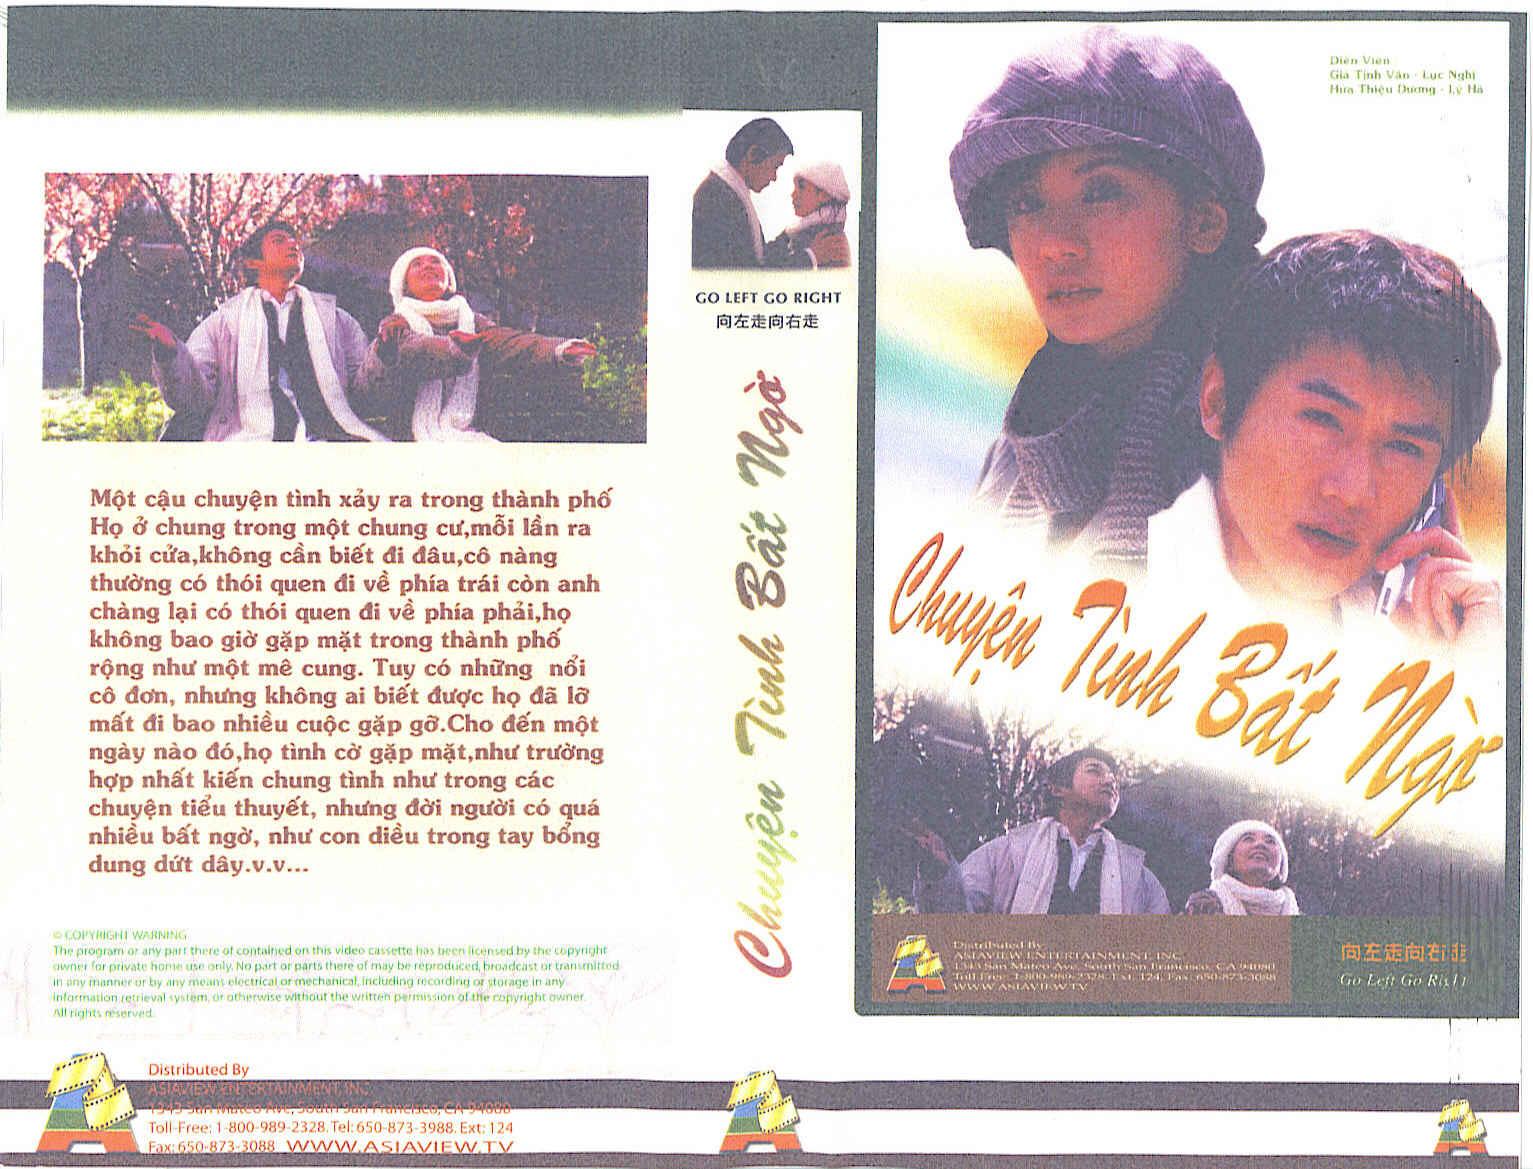 Hiep Dam Chi Dau http://ajilbab.com/boleros/boleros-crochet-downloads